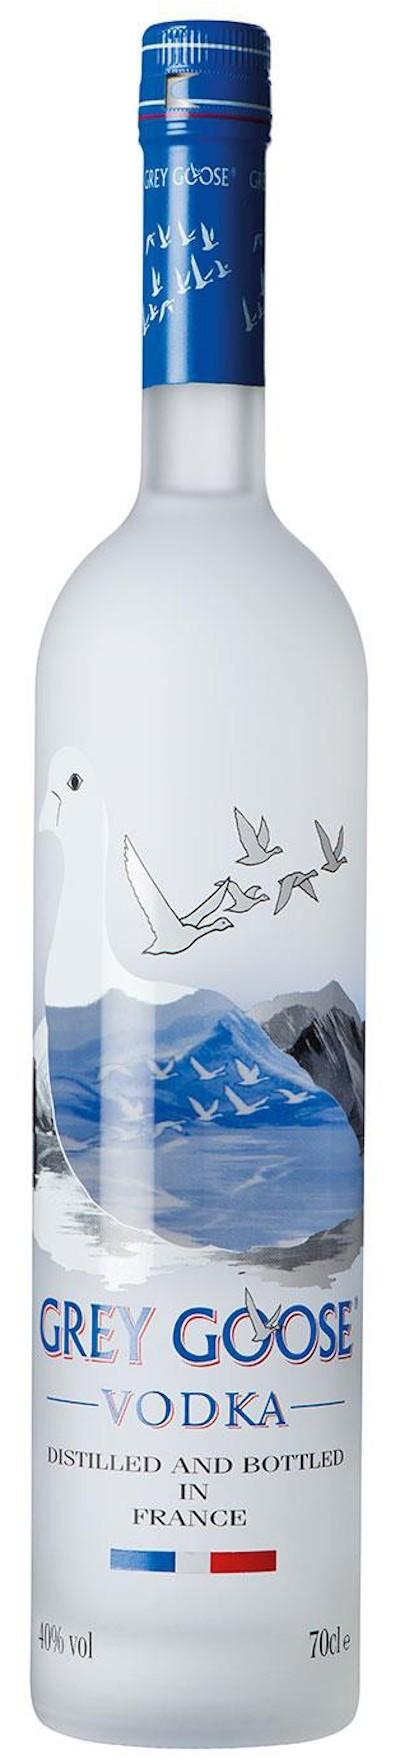 Grey Goose - Vodka